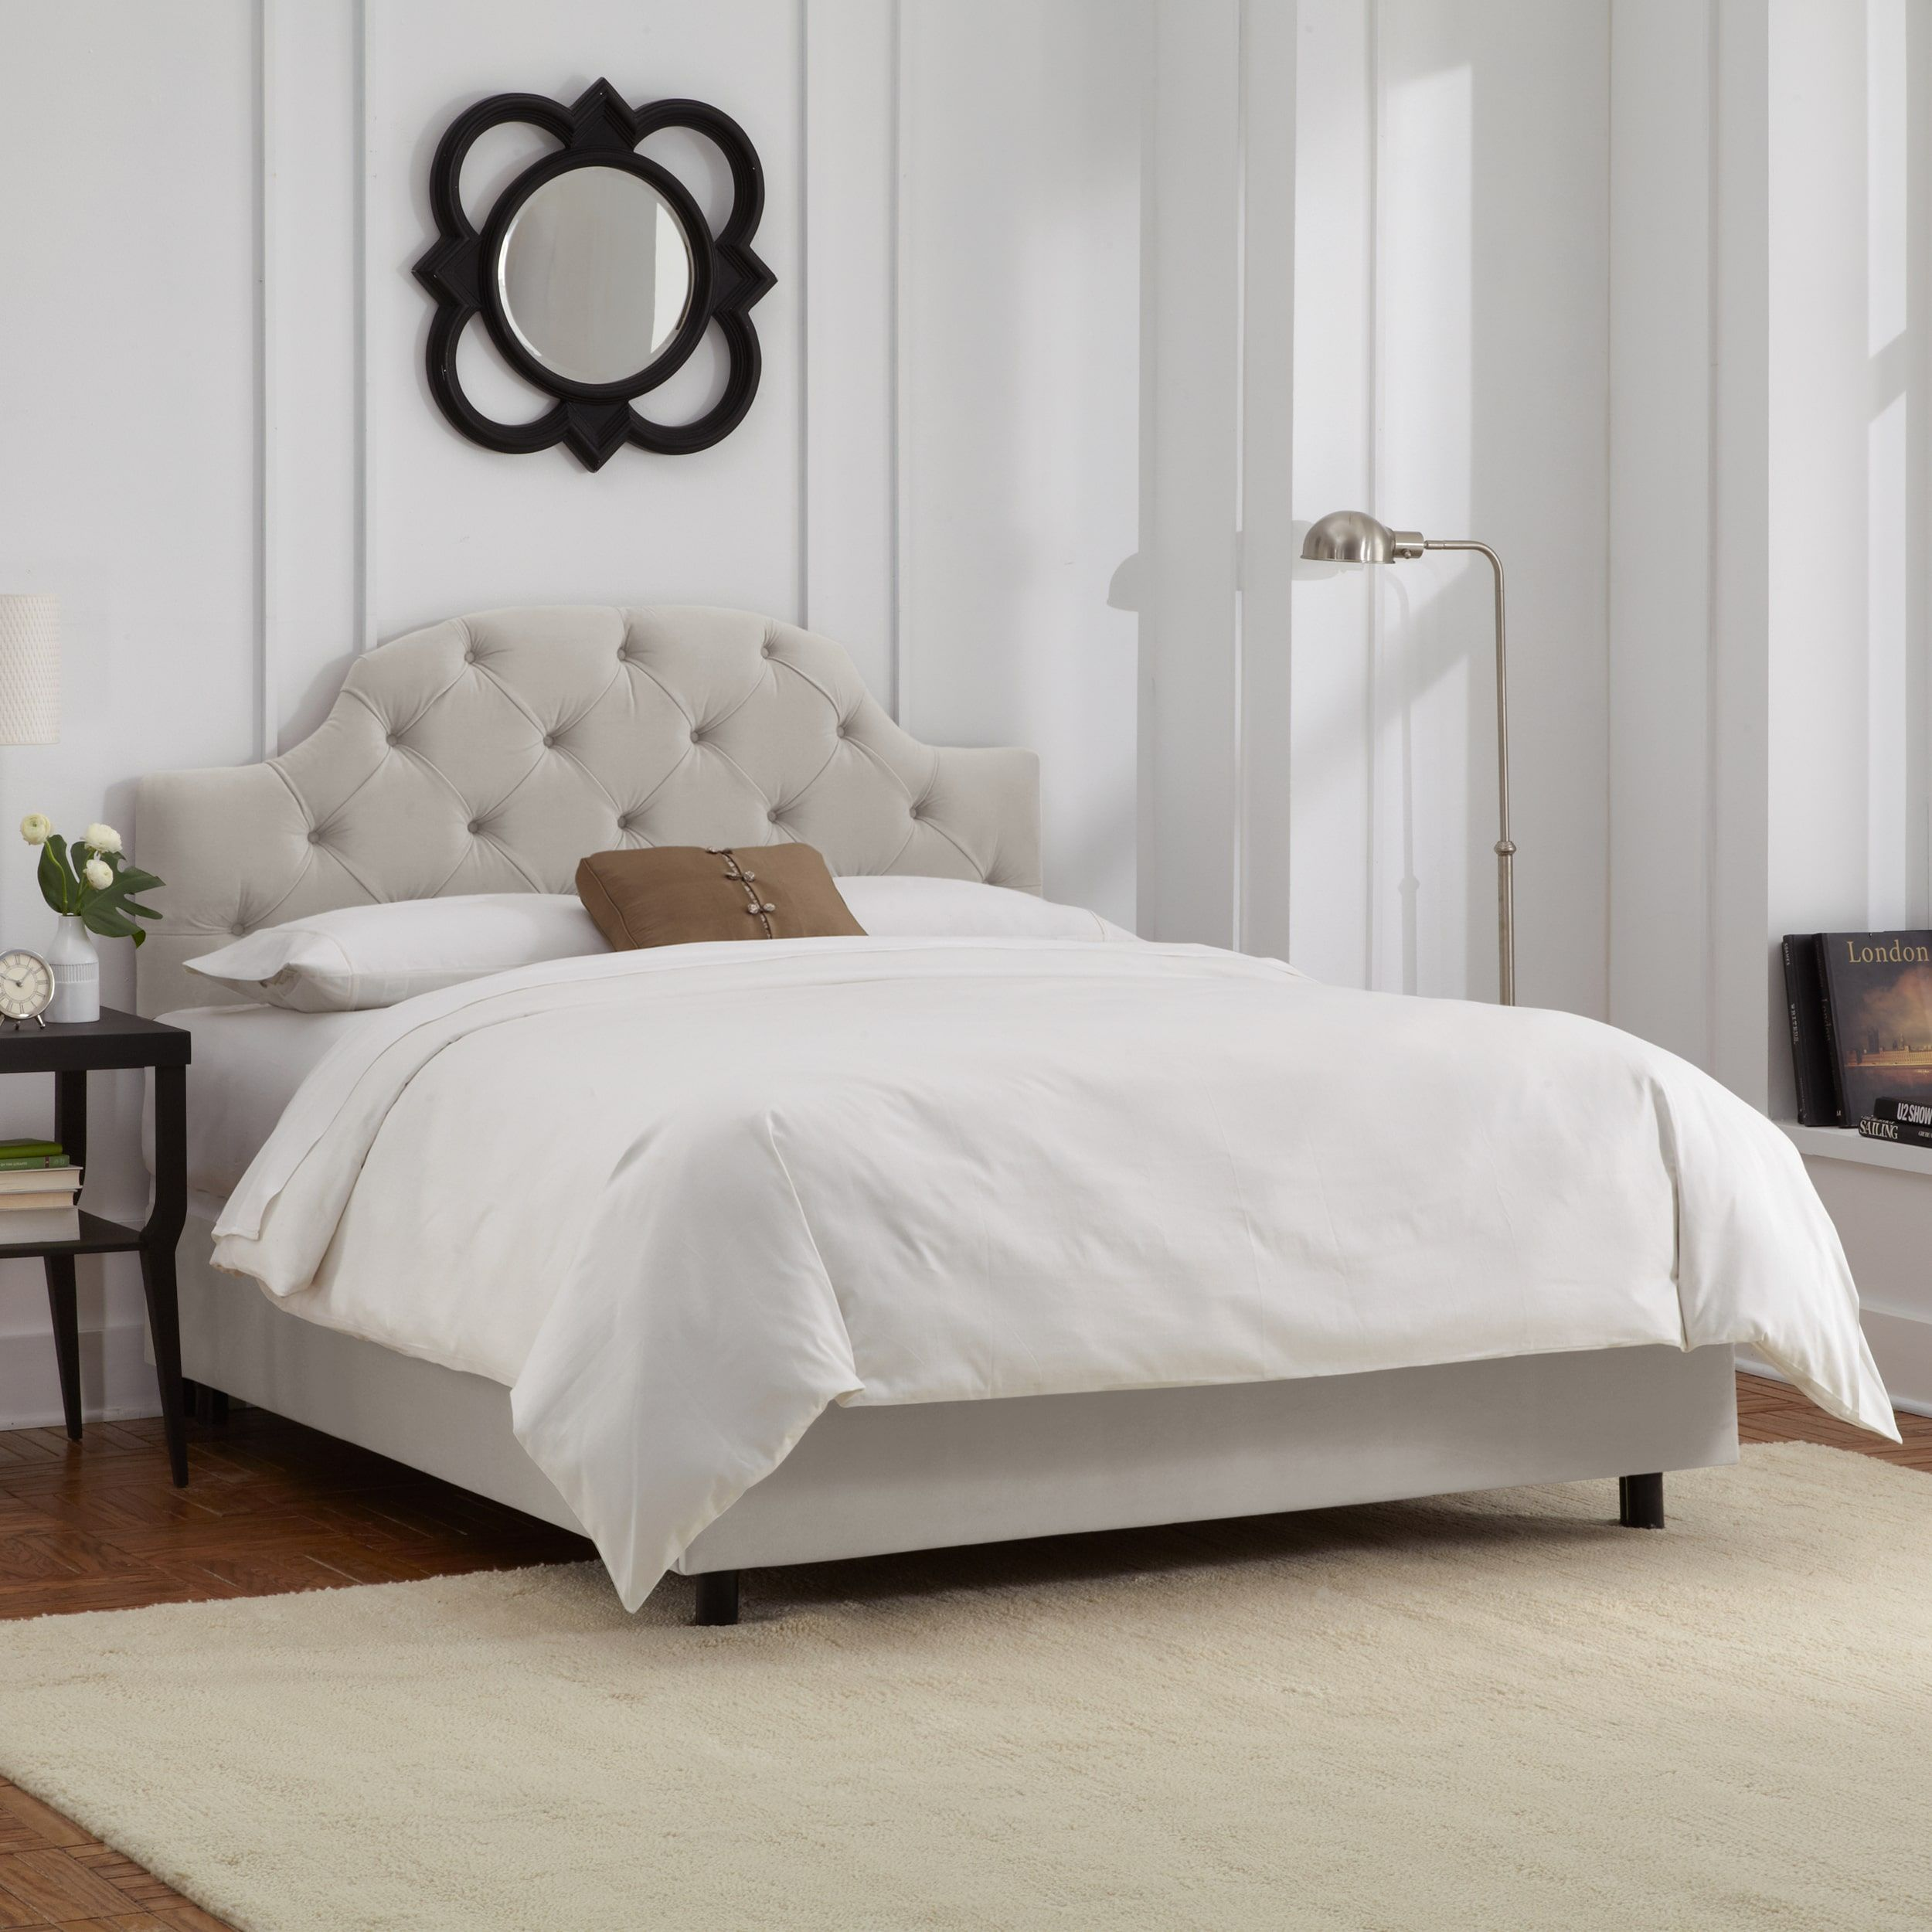 Skyline Furniture Tufted Bed in Velvet Light Grey (California King, Light Grey)